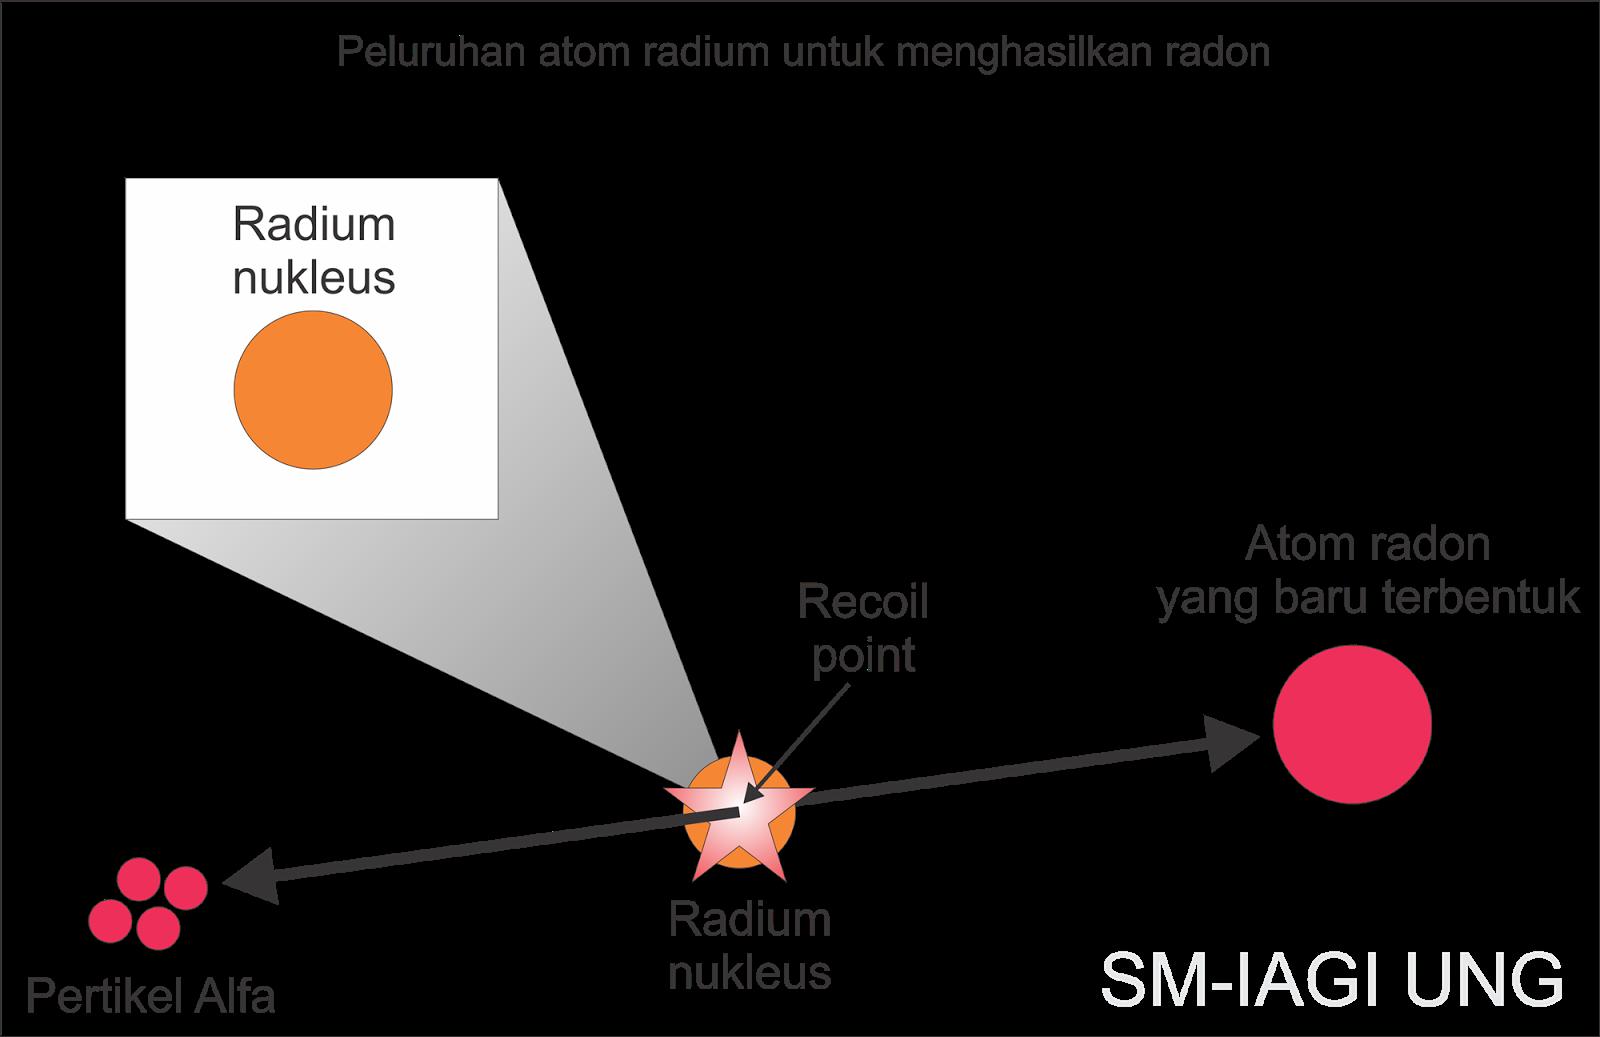 Geologi gas radon dampak terhadap lingkungan efbumi peluruhan atom radium untuk menghasilkan radon geologi efbumi ccuart Gallery